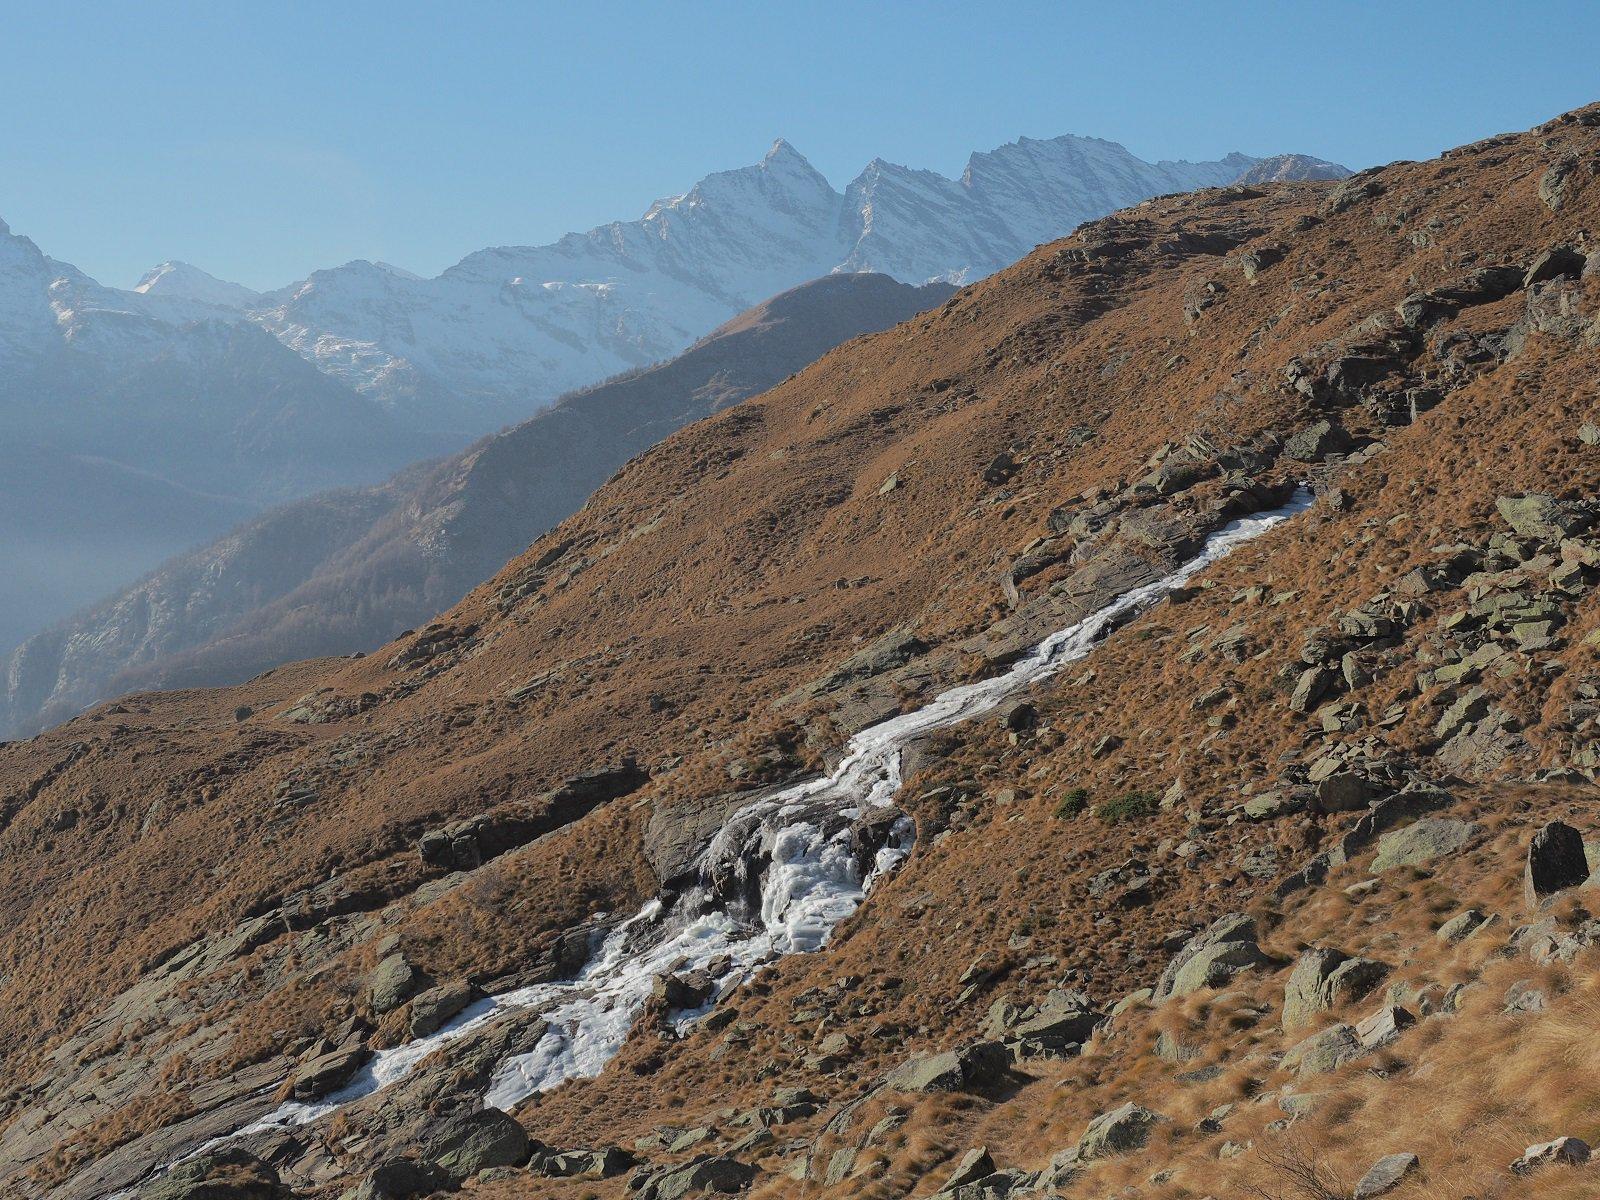 Salto d'acqua parzialmente ghiacciato